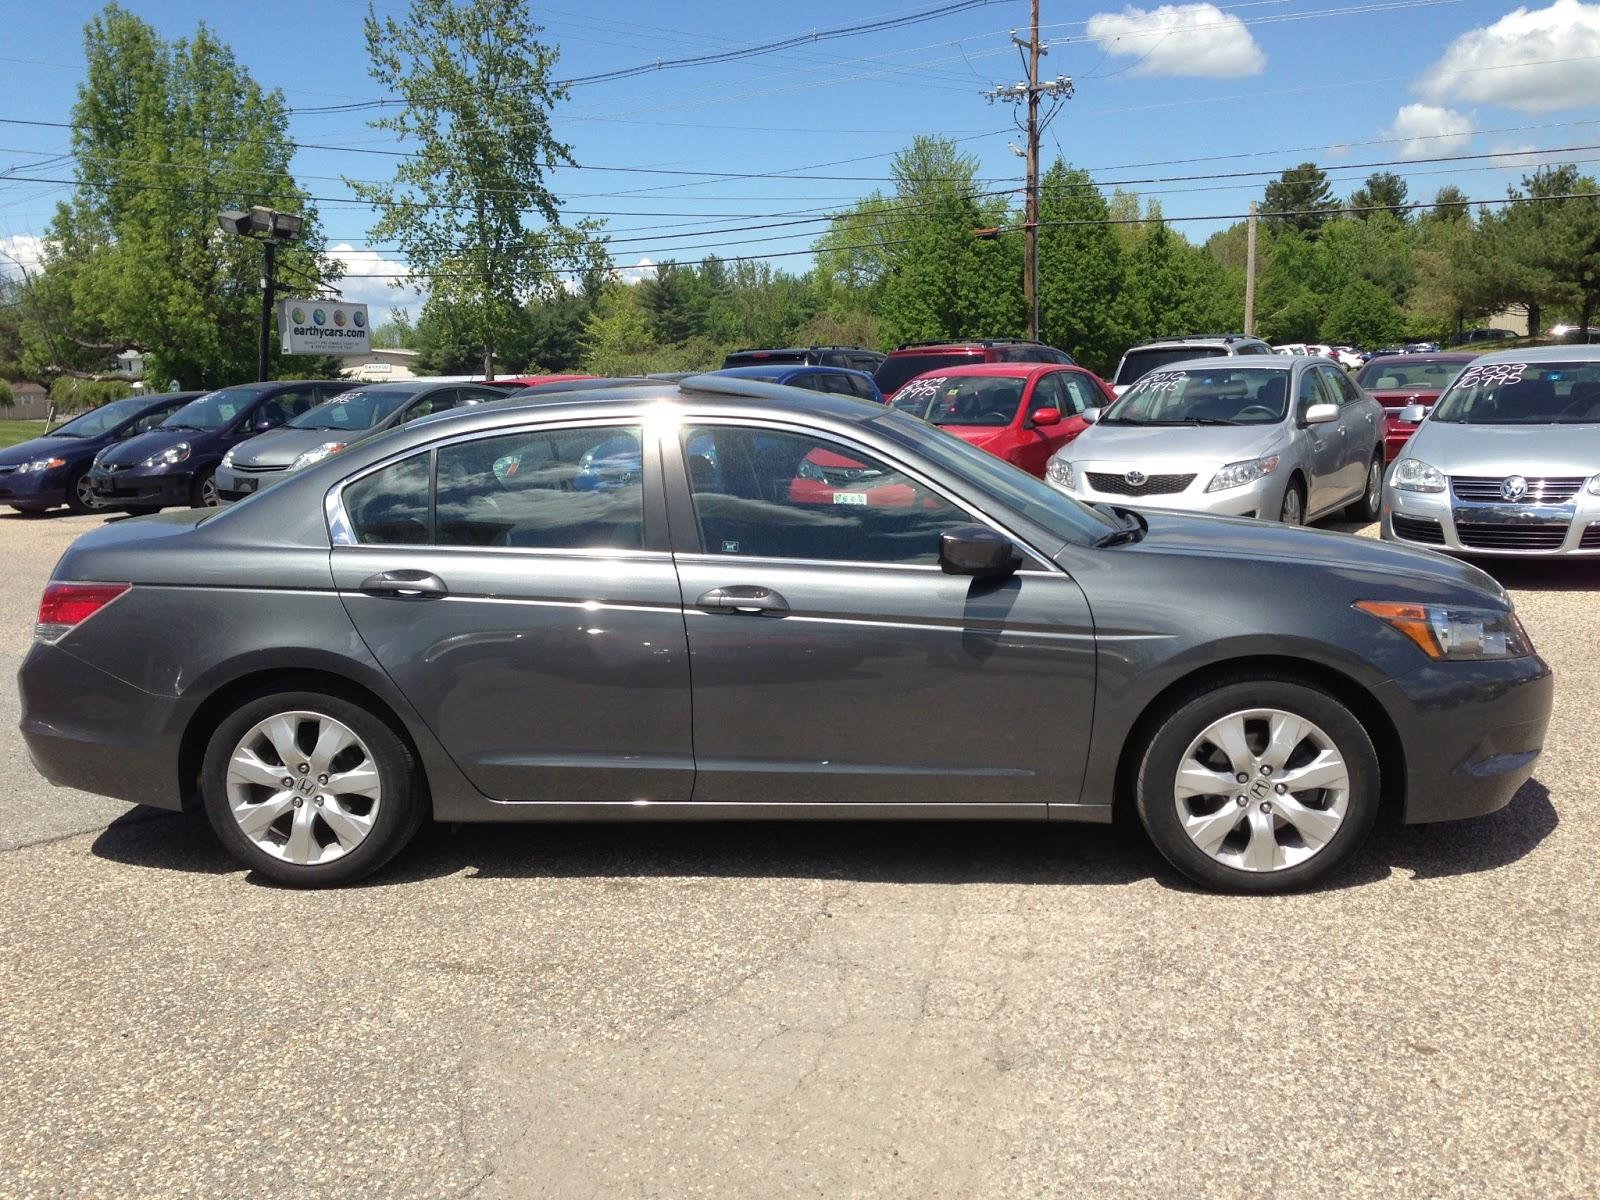 2010 Honda Accord 2.4 EX L, Grey, Sedan, 36236 Mi, $17,995  Http://bit.ly/116zaUT Full Size, 5 Spd Automatic, MPG U003d 21/31